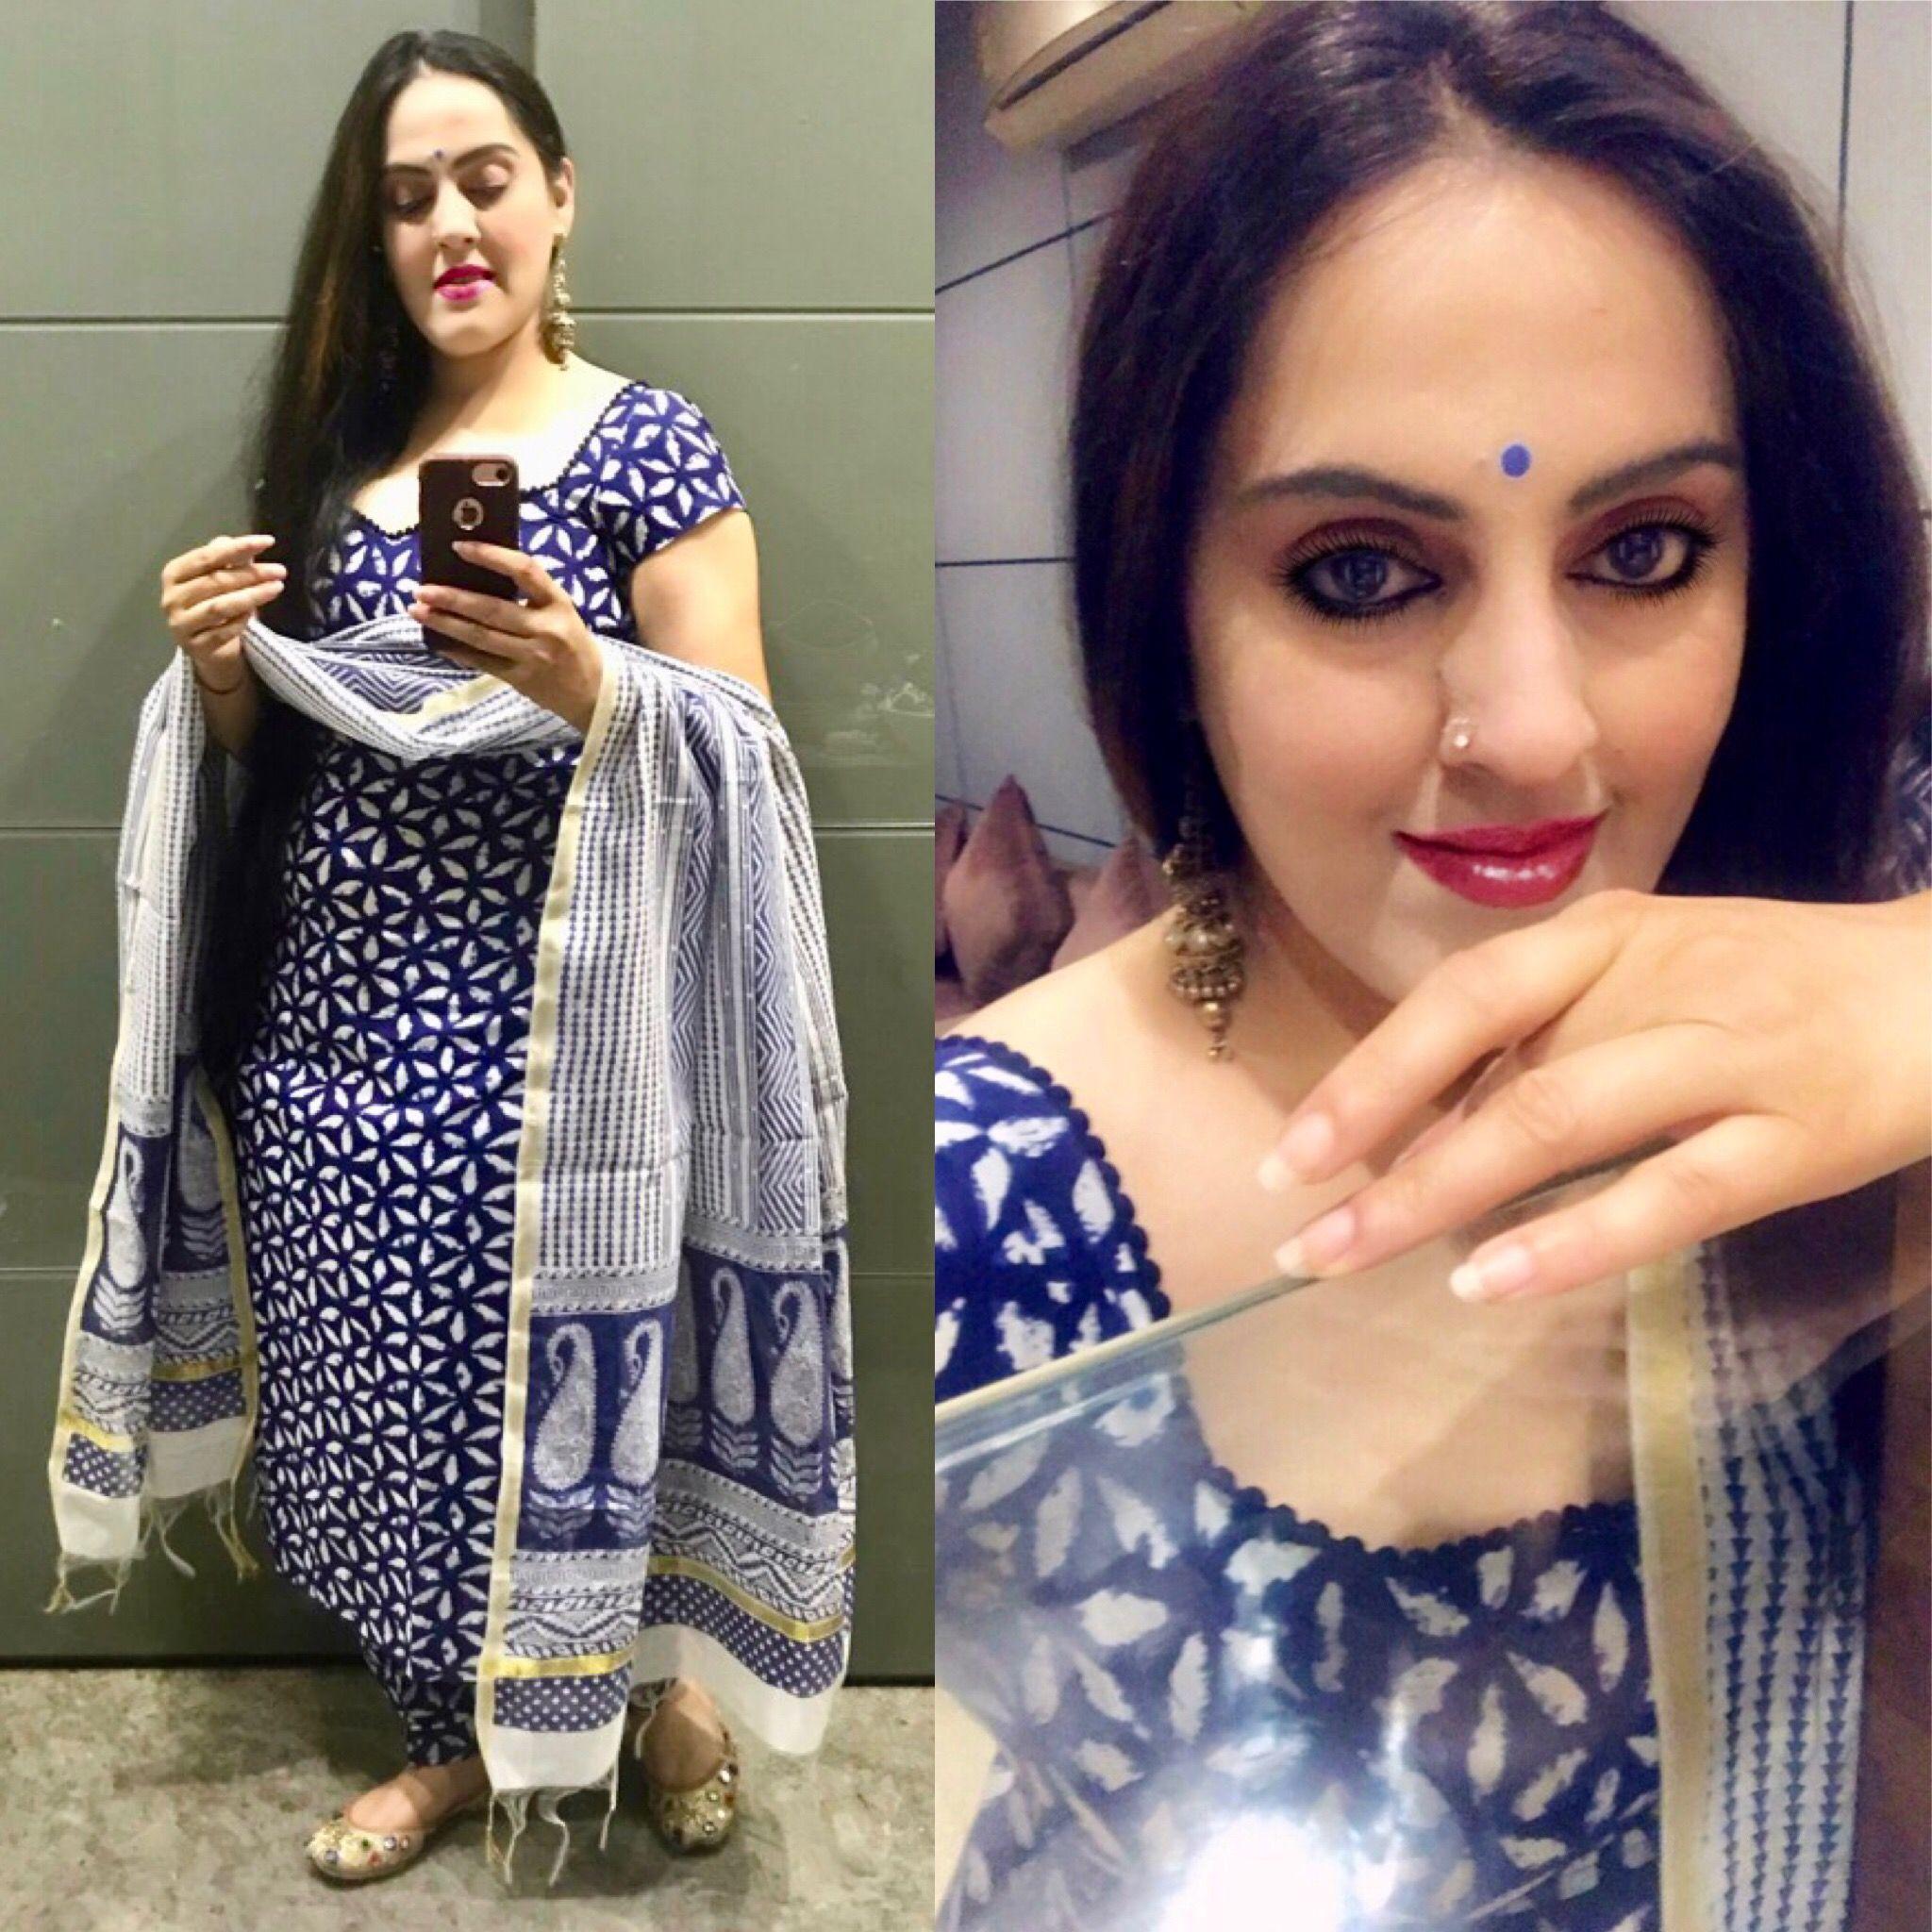 Pin By Nandini By Niti J Kundu On Nandini By Niti J Kundu Kurti Designs Latest Fashion Kurti Designs